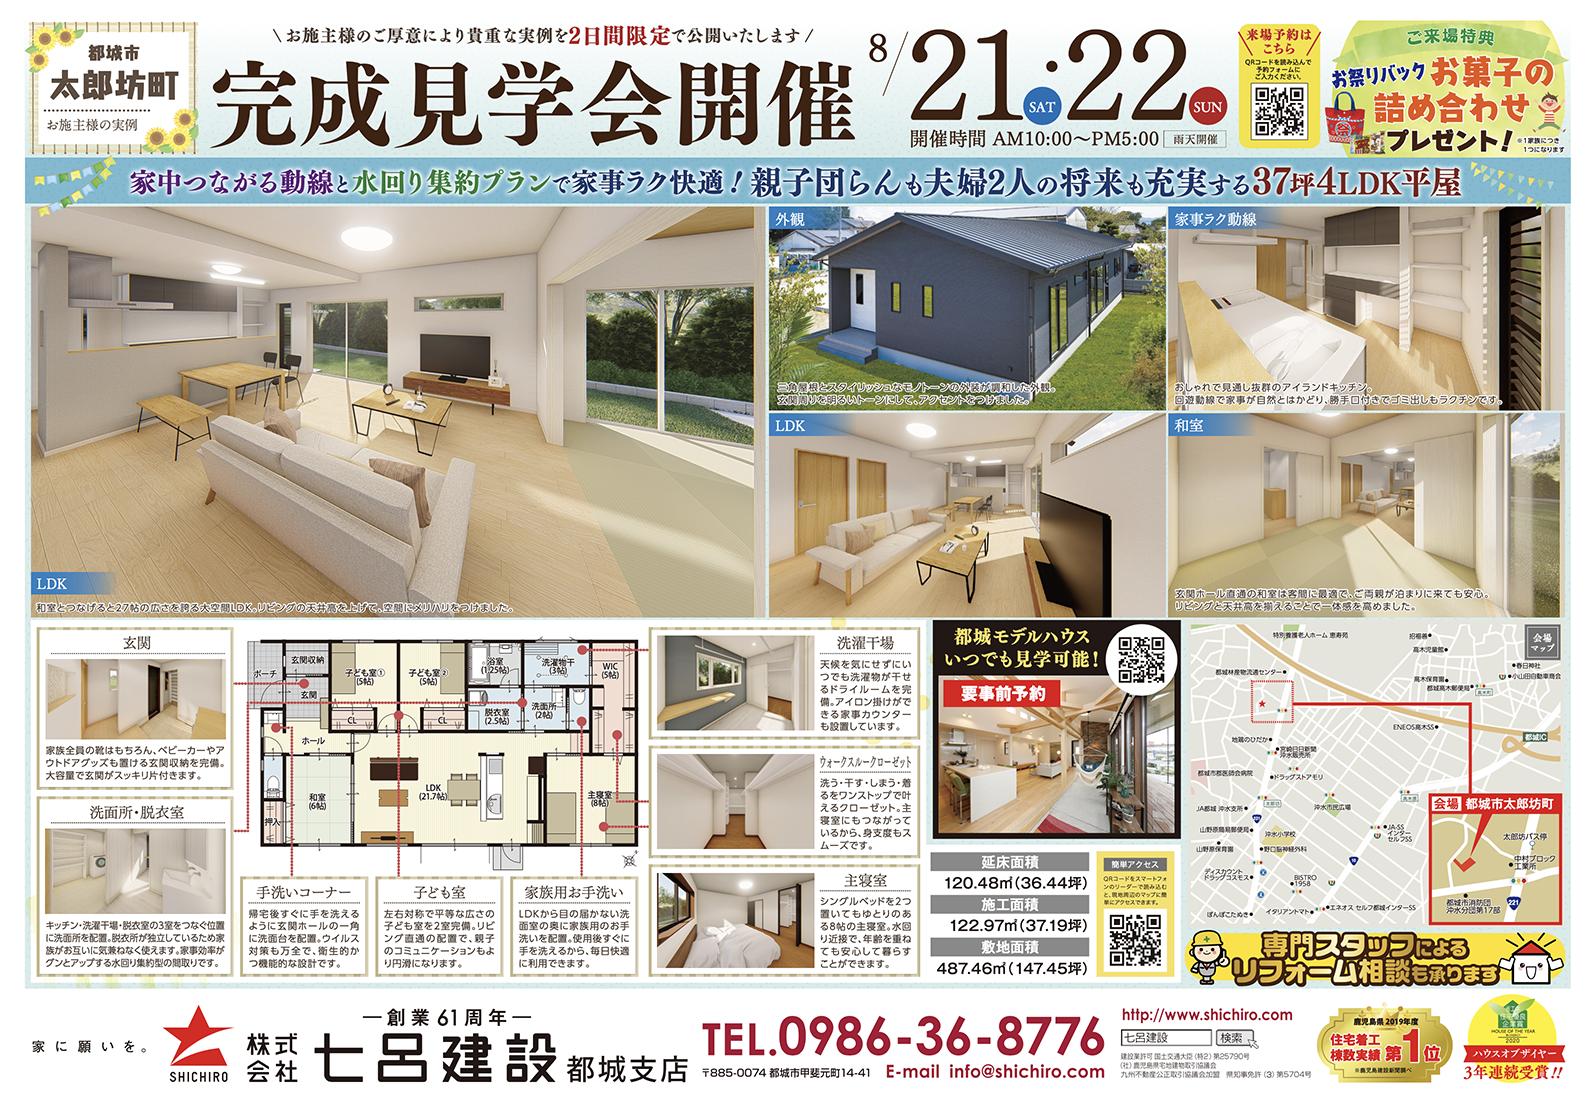 都城市太郎坊町で完成見学会 親子団らんも夫婦2人の将来も充実する37坪4LDK平屋 | 七呂建設